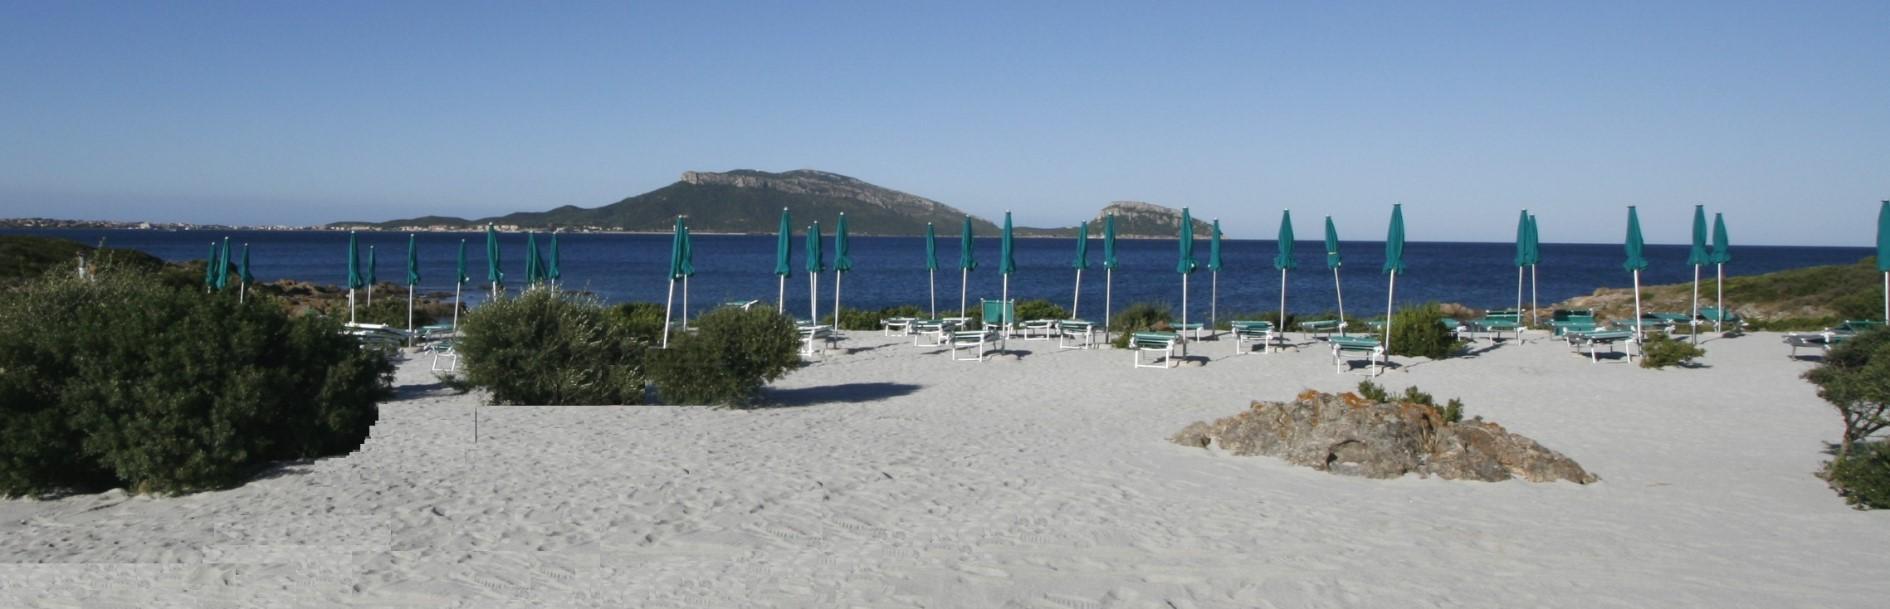 La Spiaggia riservata del Club Hotel Baia Aranzos Hotel  Sardegna